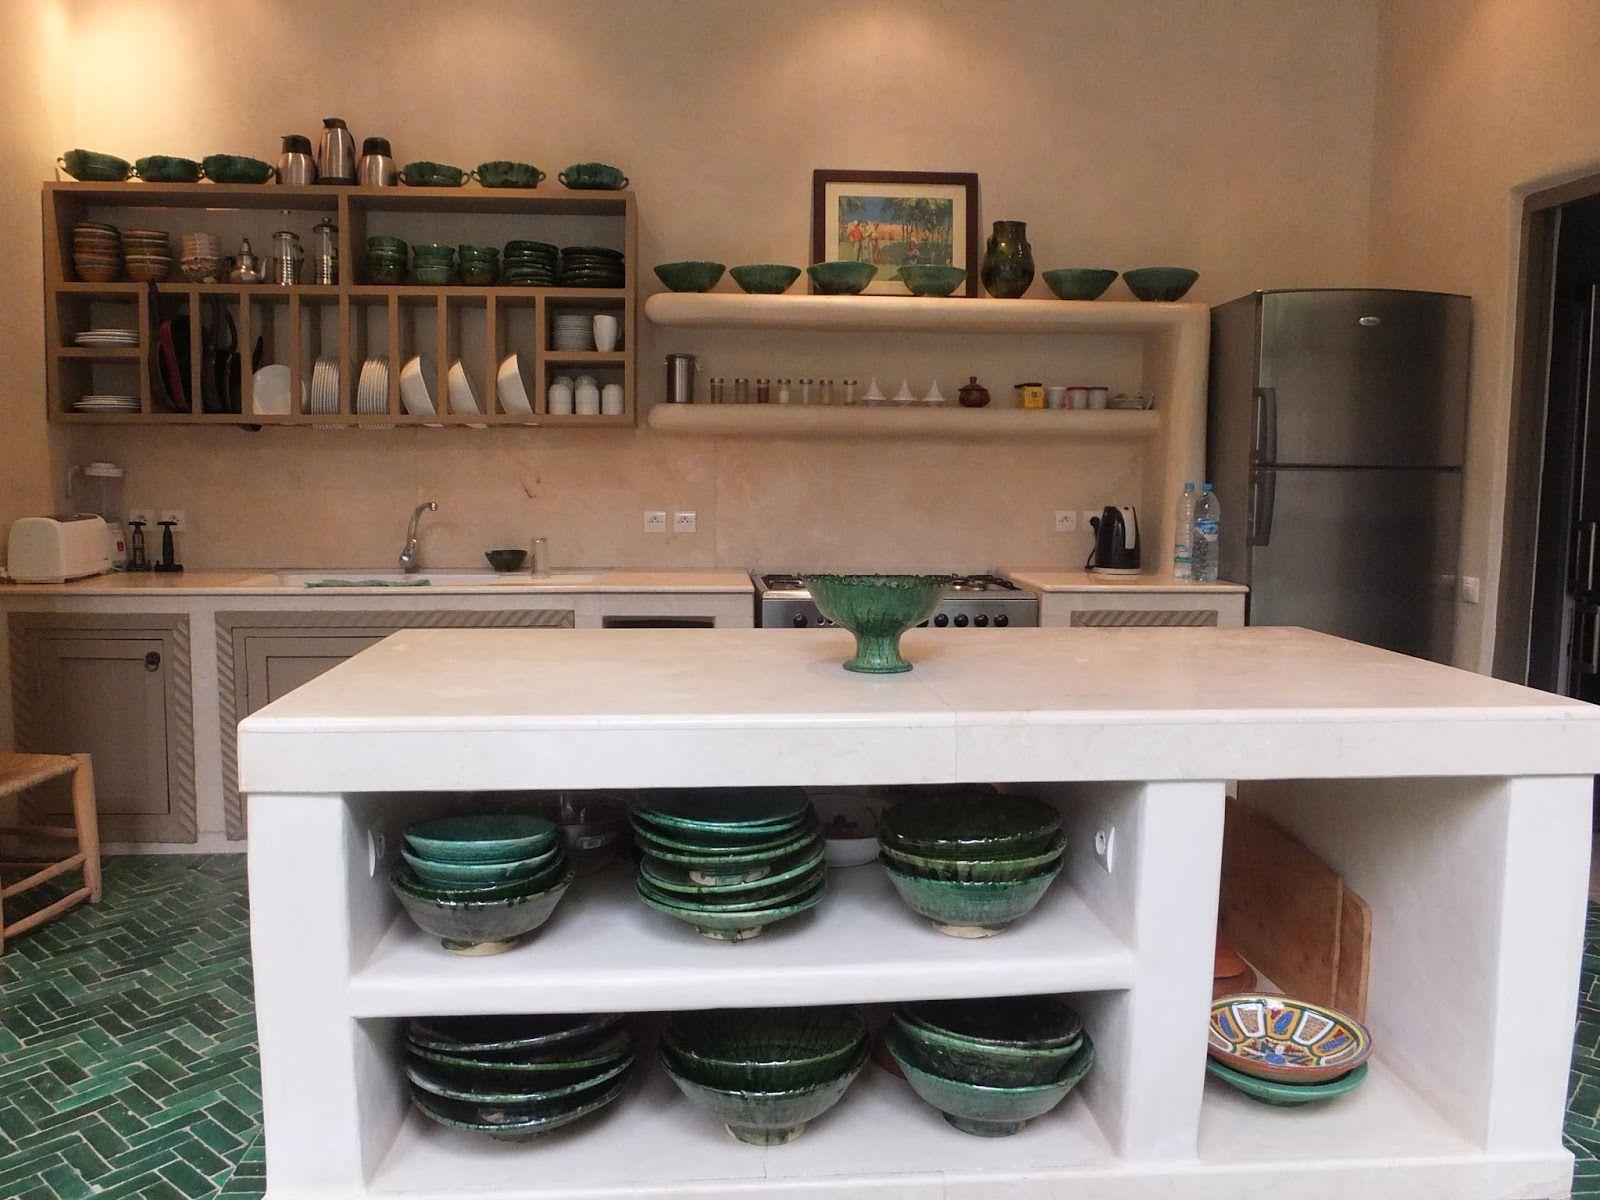 En mamposter a cocina pinterest rusticas cocinas y - Cocinas rusticas de mamposteria ...